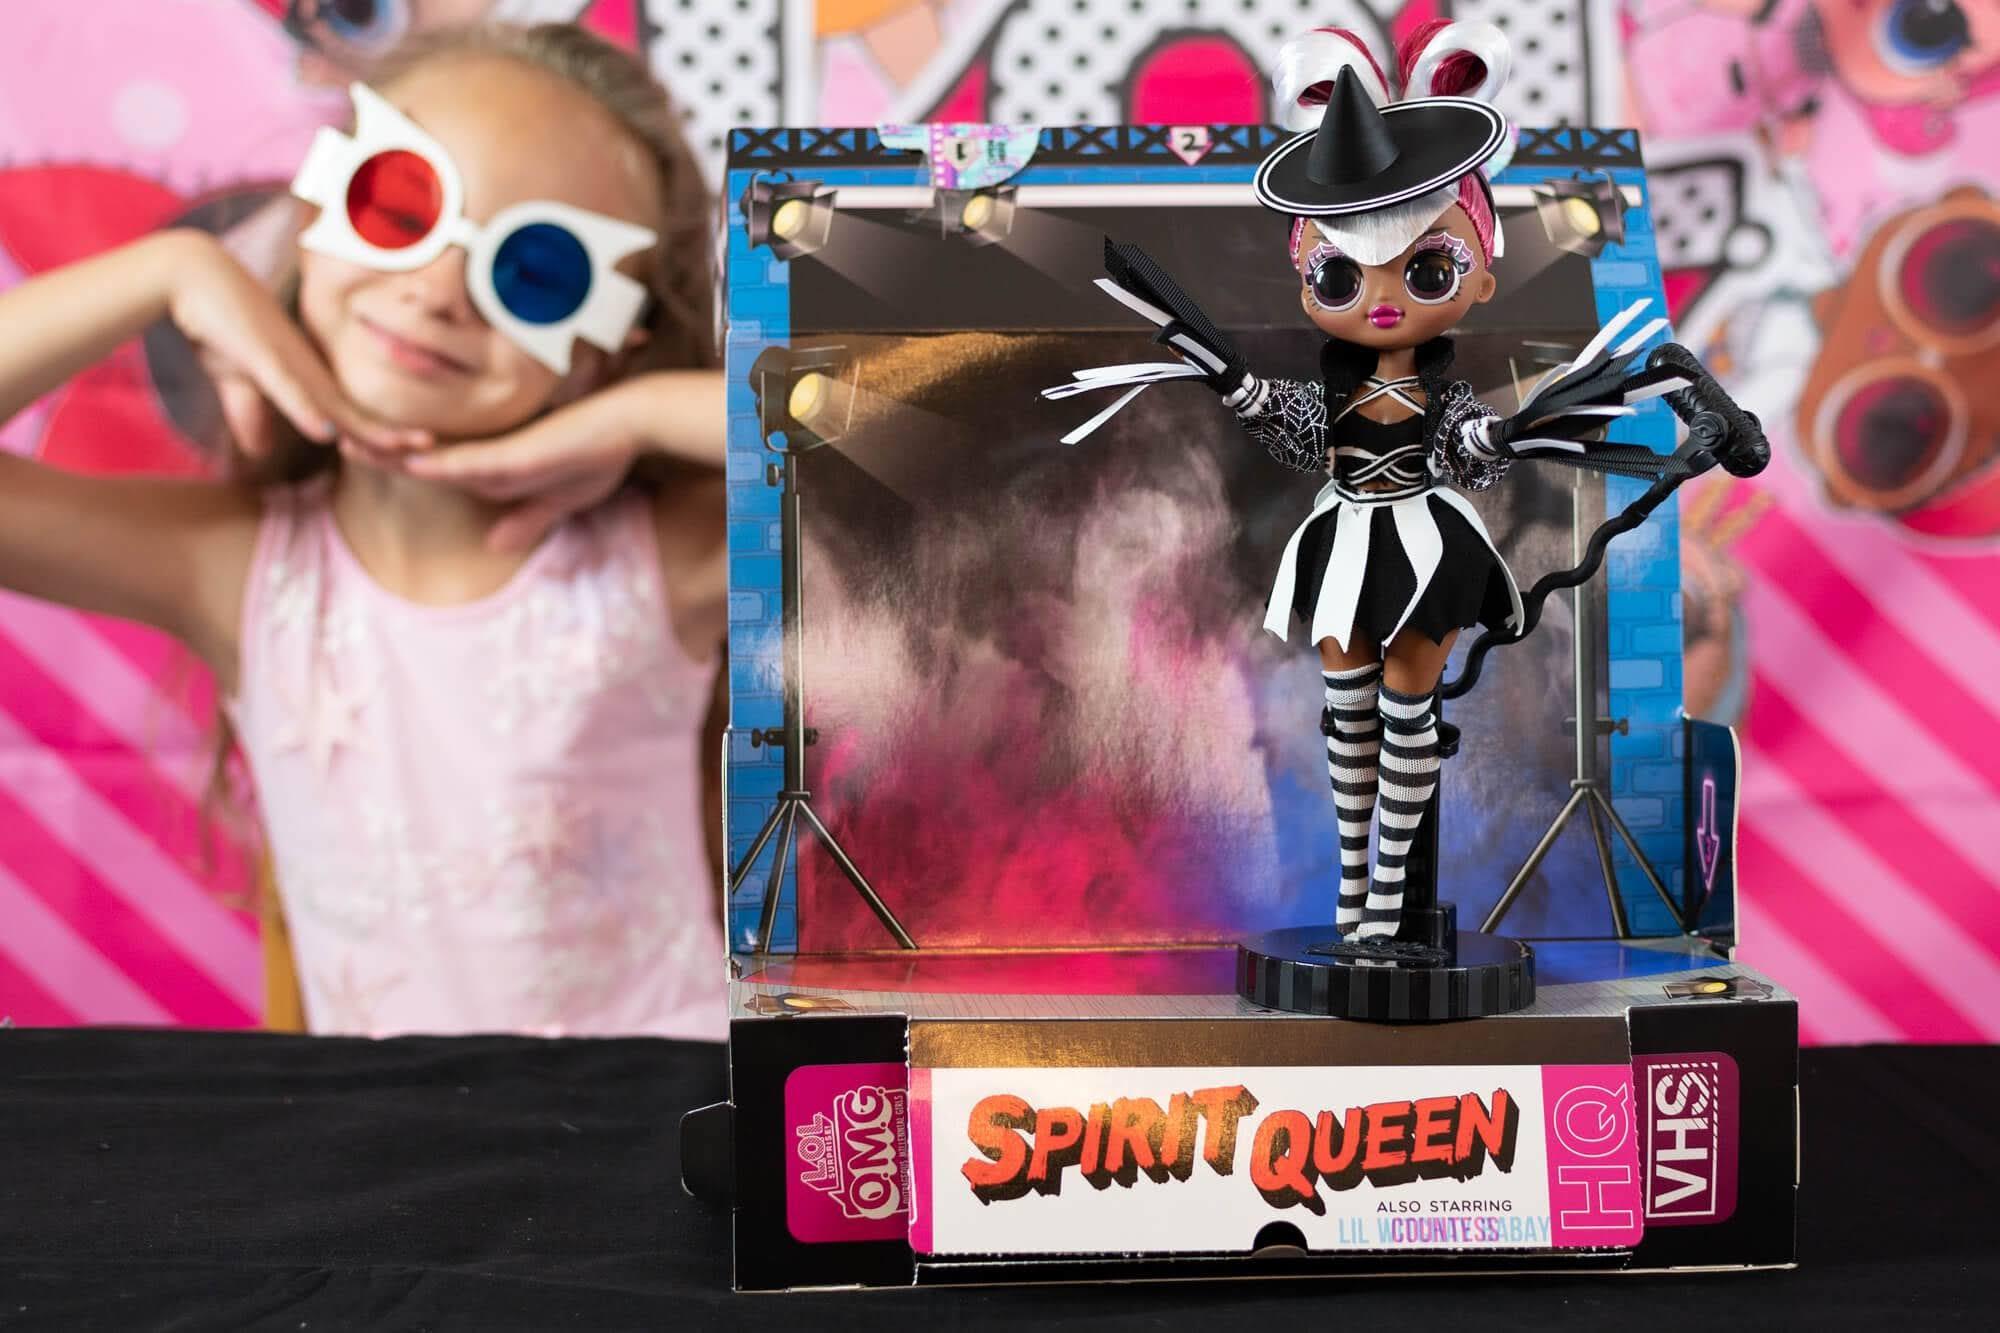 lol doll movie start spirit queen